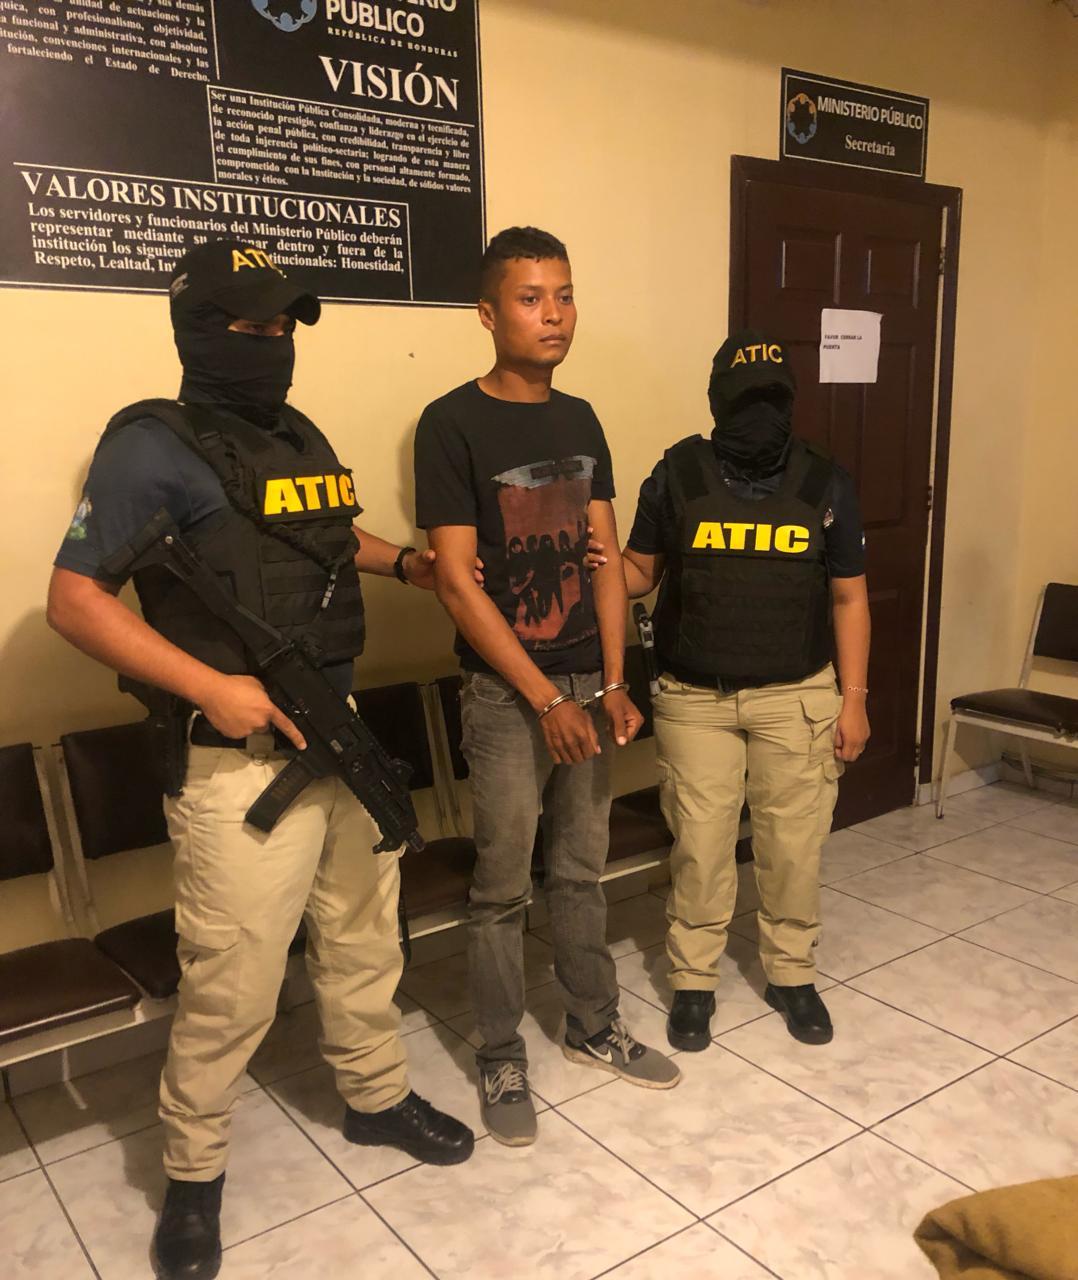 MP captura a militar activo acusado del asesinato de un menor de edad tras protestas en Yarumela, La Paz